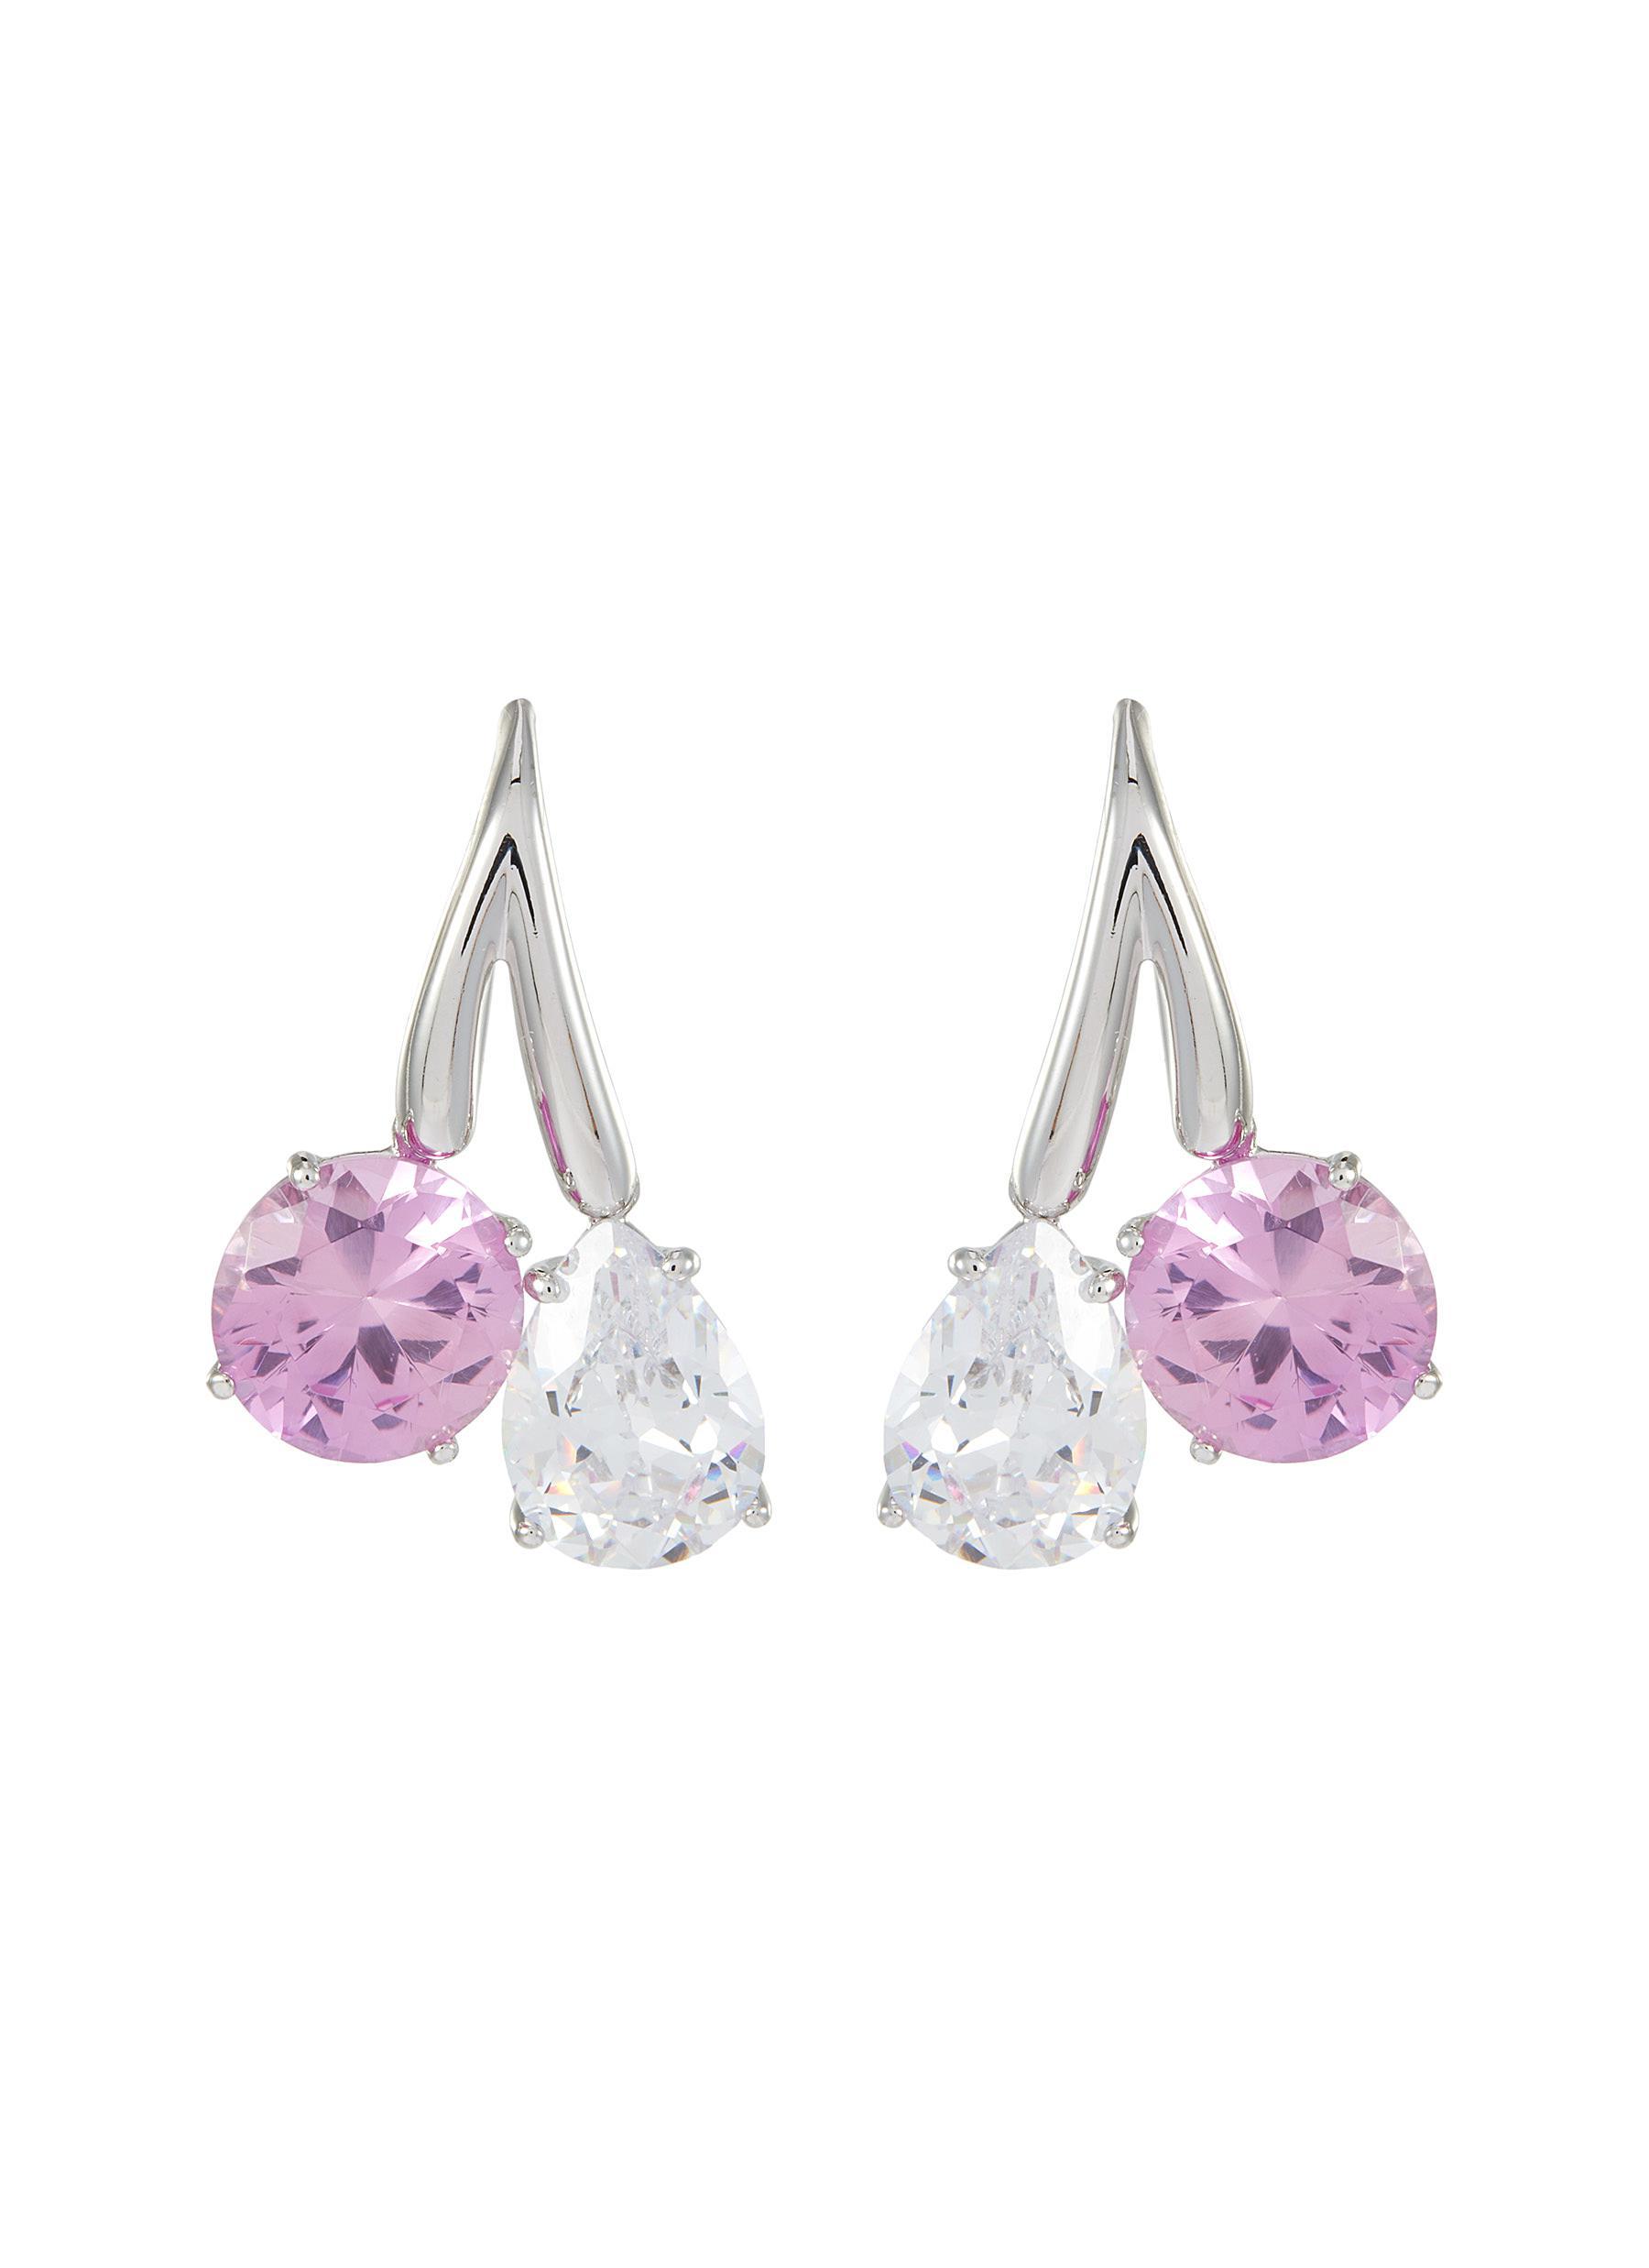 Double Cubic Zirconia Drop Earrings